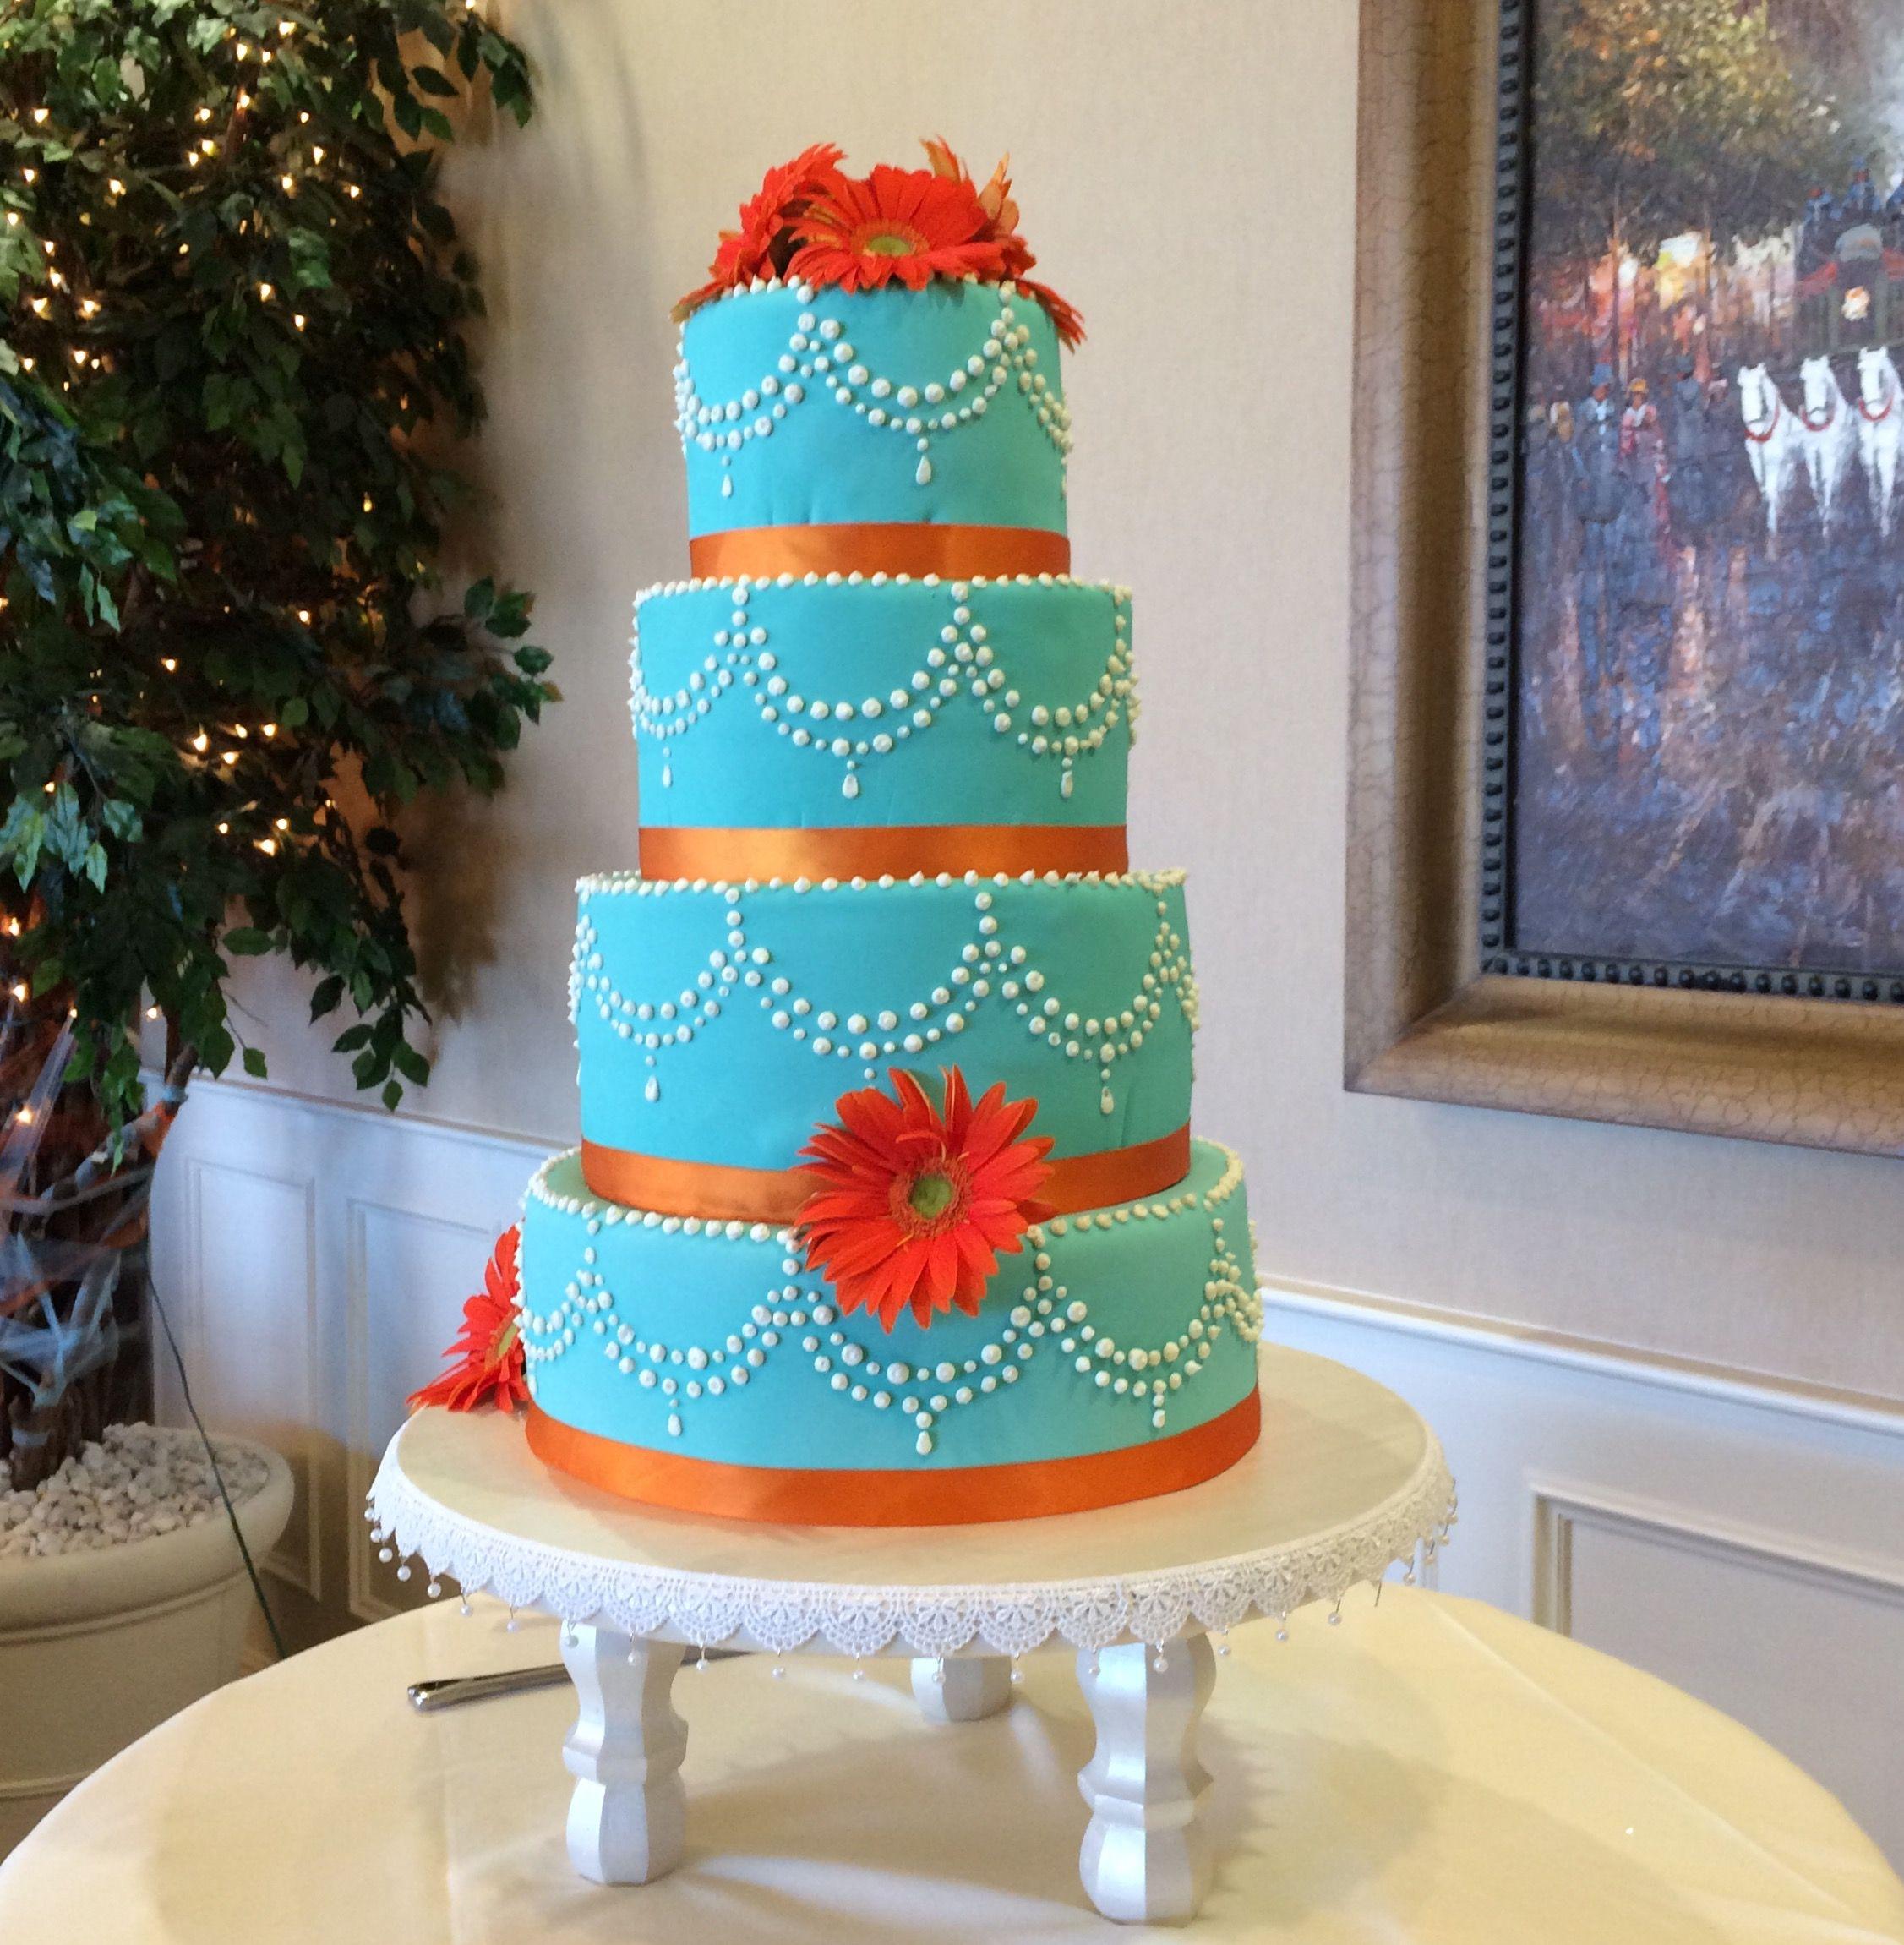 Austin and caitys wedding cake wedding cakes cake